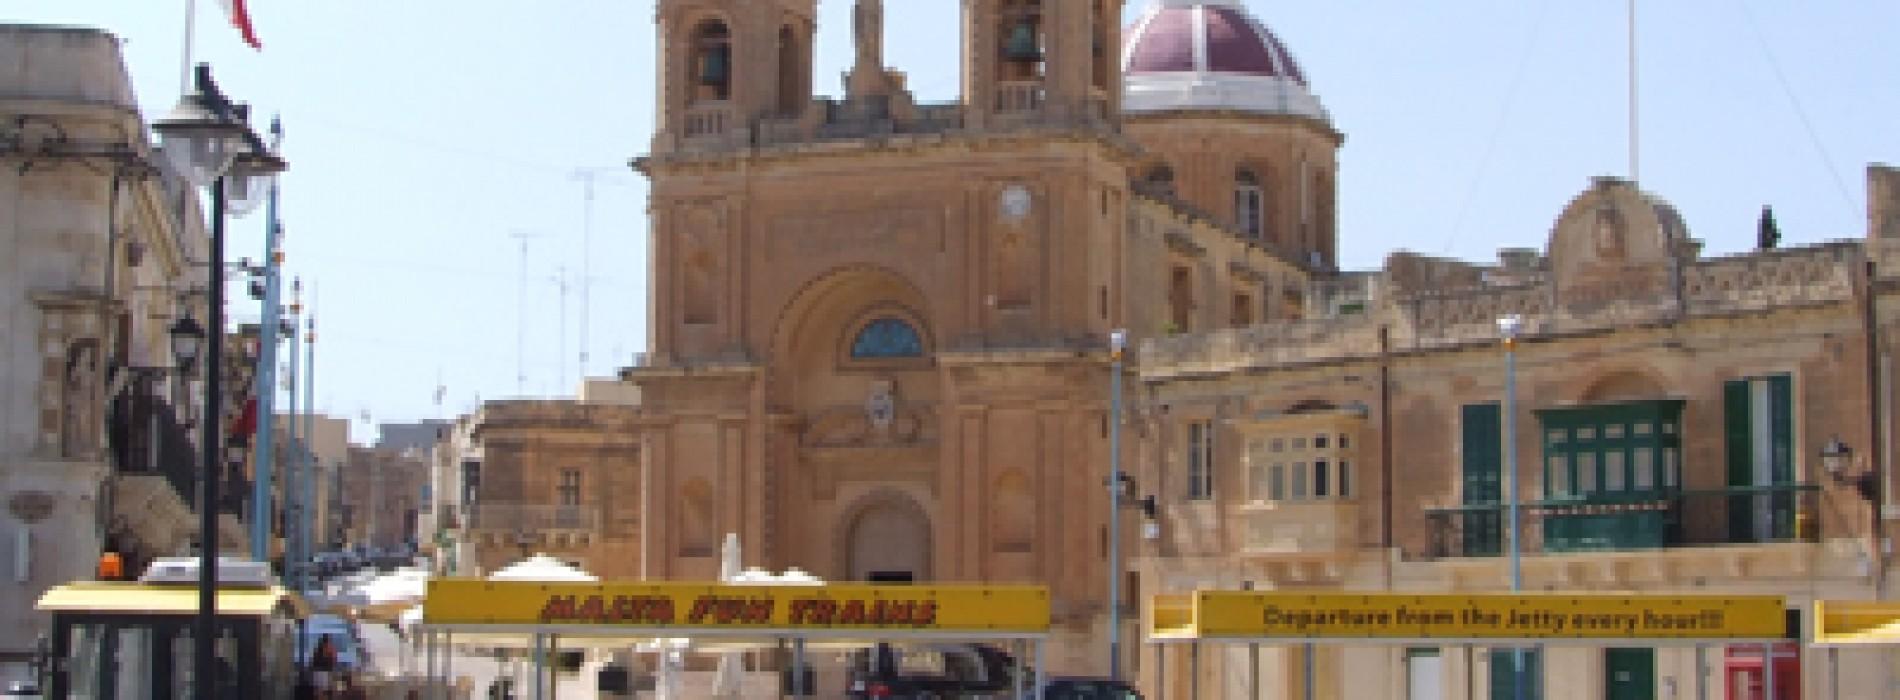 Copiii merg gratis la cursuri de engleză, în vacanța din Malta